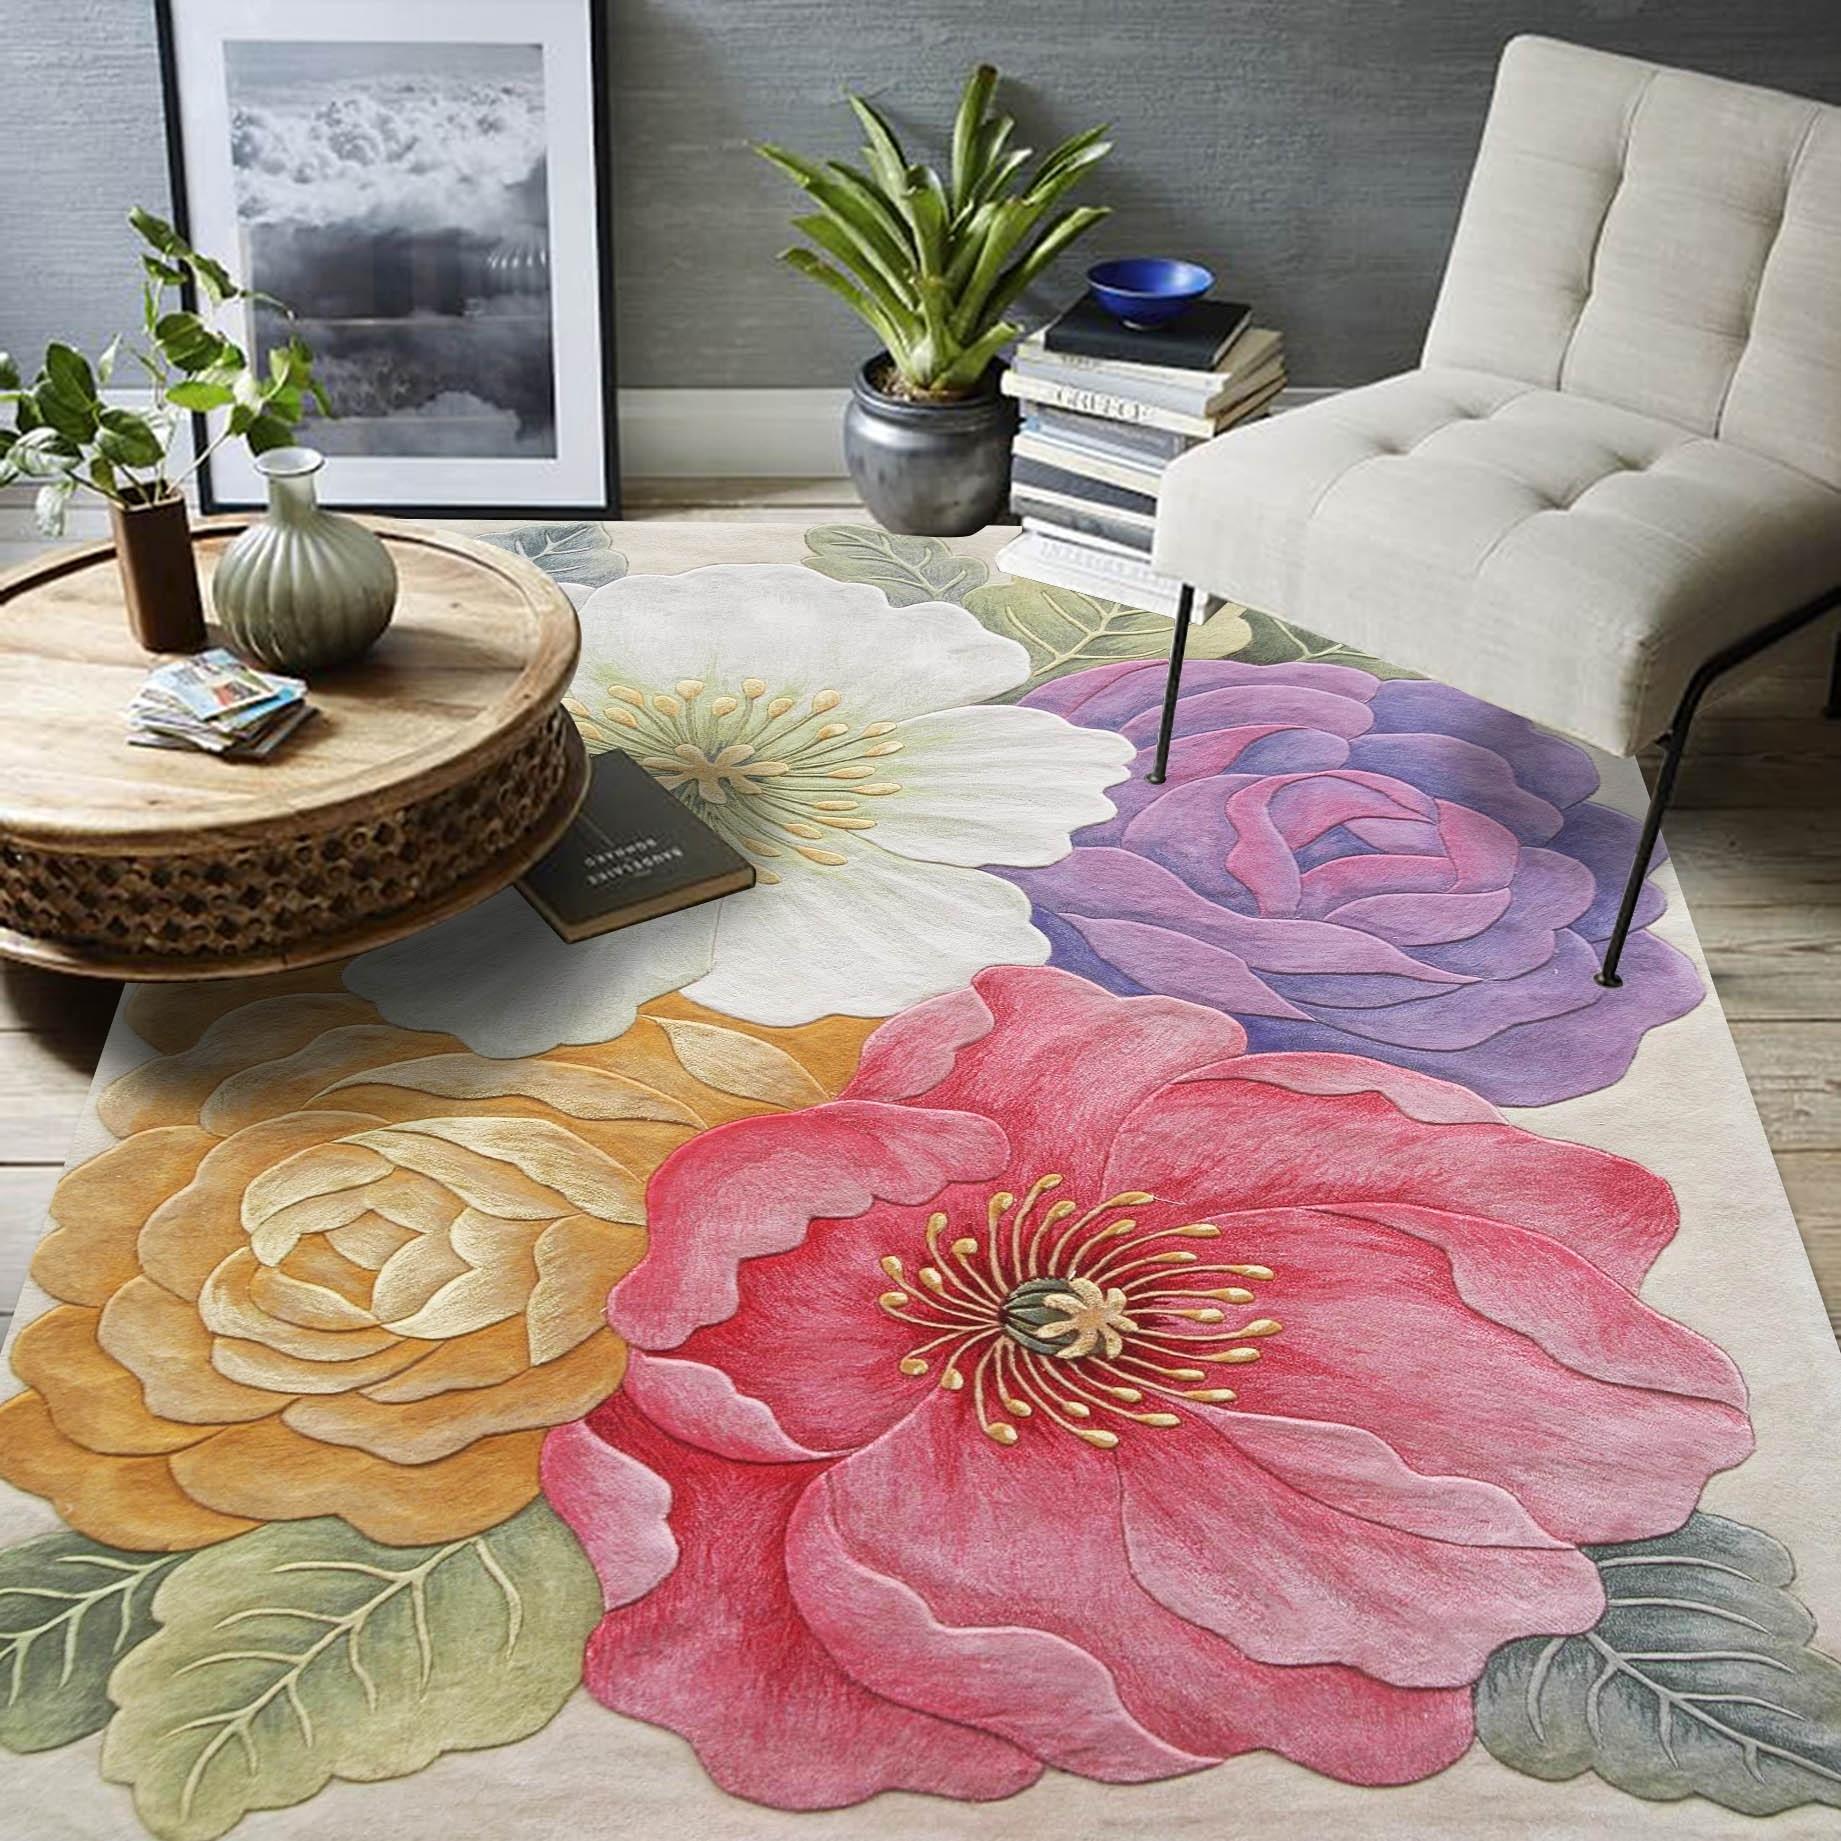 الوردي الورود الزهور على شكل 3D نمط 1.5 سنتيمتر سمك ألياف الاكريليك الطابق حصيرة ، خمر الديكور زهرة منطقة البساط